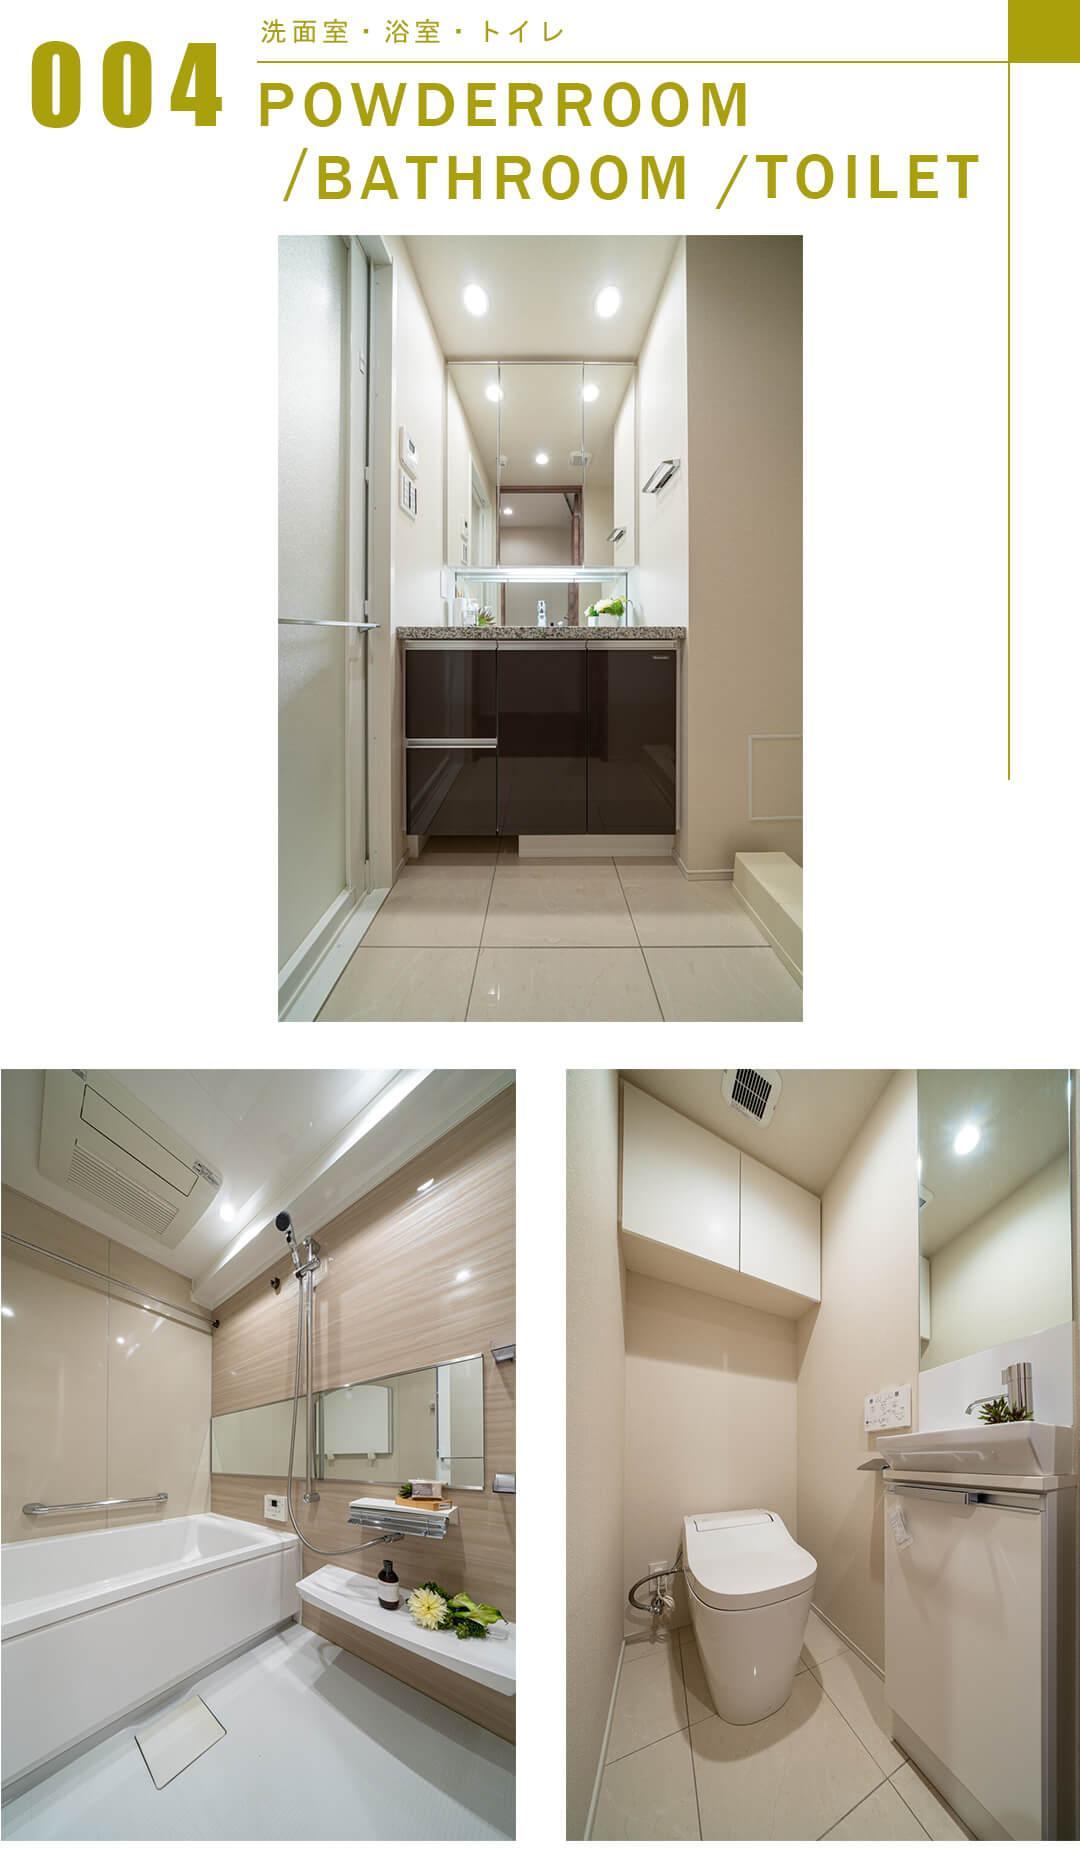 オープンレジデンシア六義園 山手プレイスの洗面室・浴室・トイレ